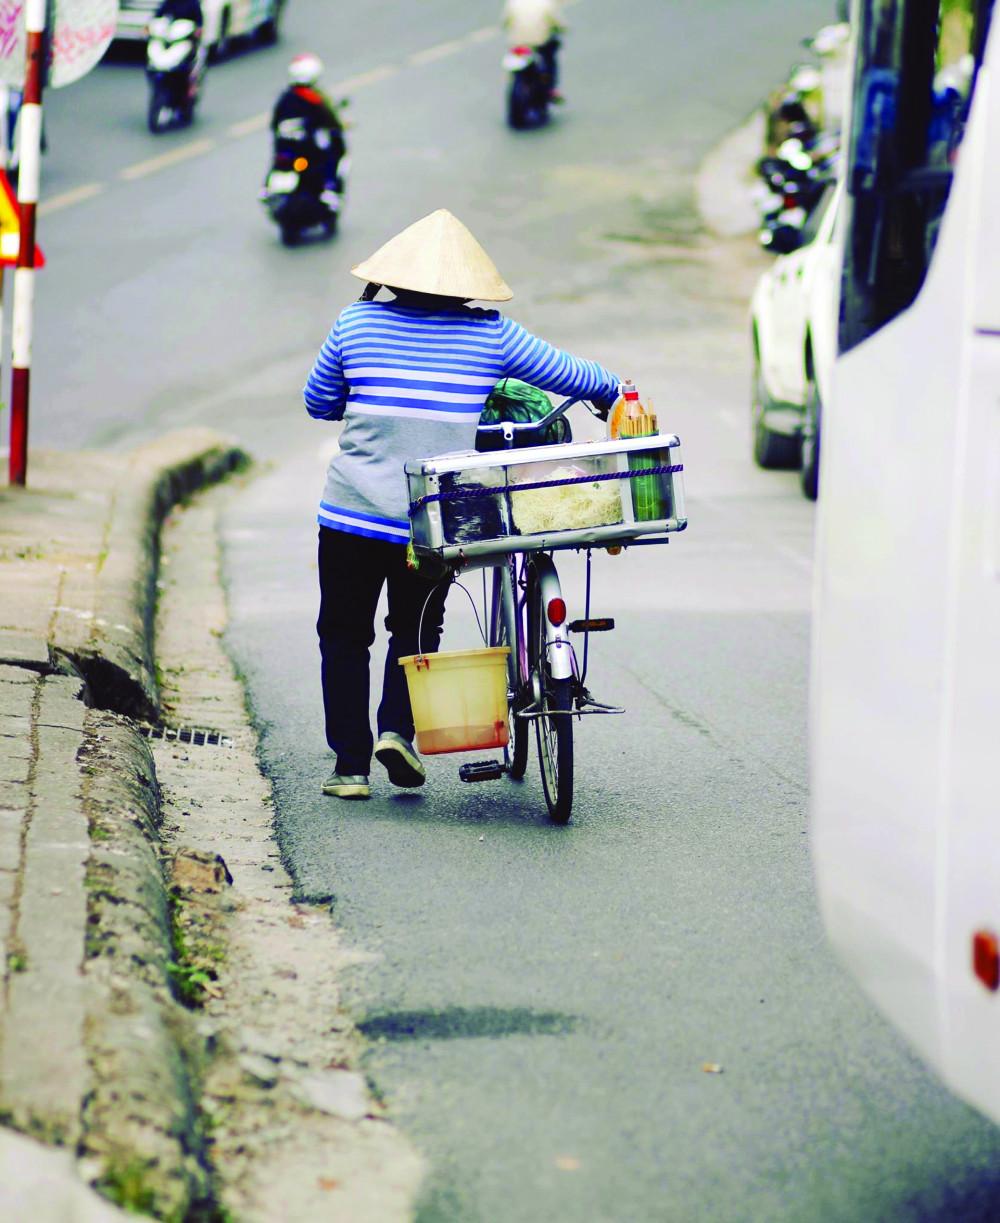 """Nắng mưa ngày thường vốn đã đủ quật ngã những """"chủ thể kinh tế"""" đường phố mong manh, yếu ớt -Ảnh: Thục Quyên"""